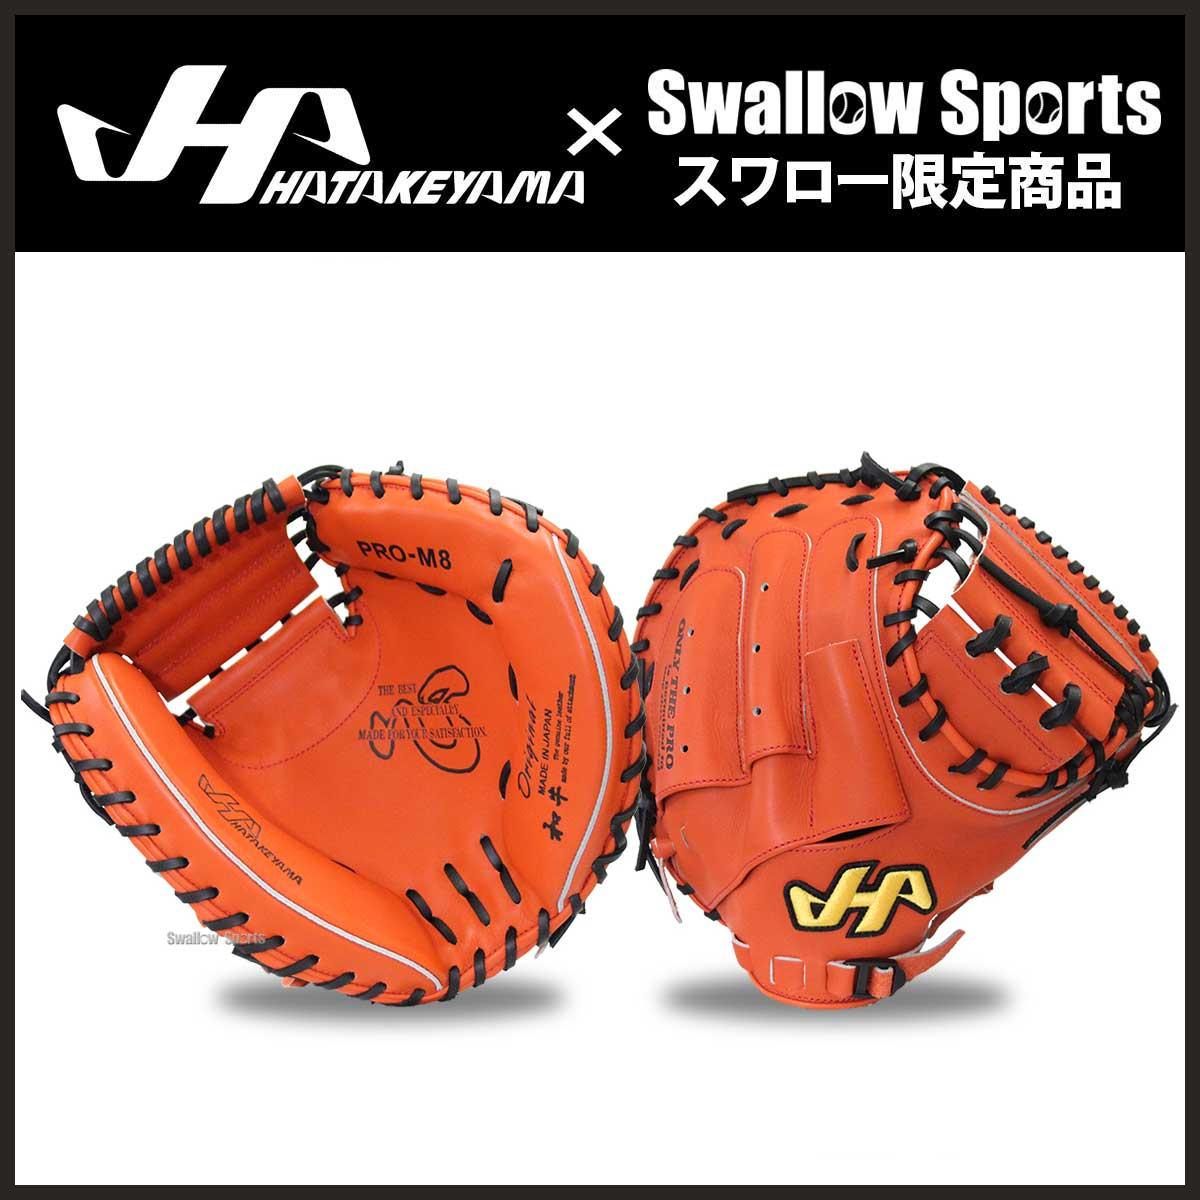 【あす楽対応】 ハタケヤマ スワロー限定 硬式 キャッチャー ミット KSO-8-SW3 野球用品 スワロースポーツ:野球用品専門店スワロースポーツ